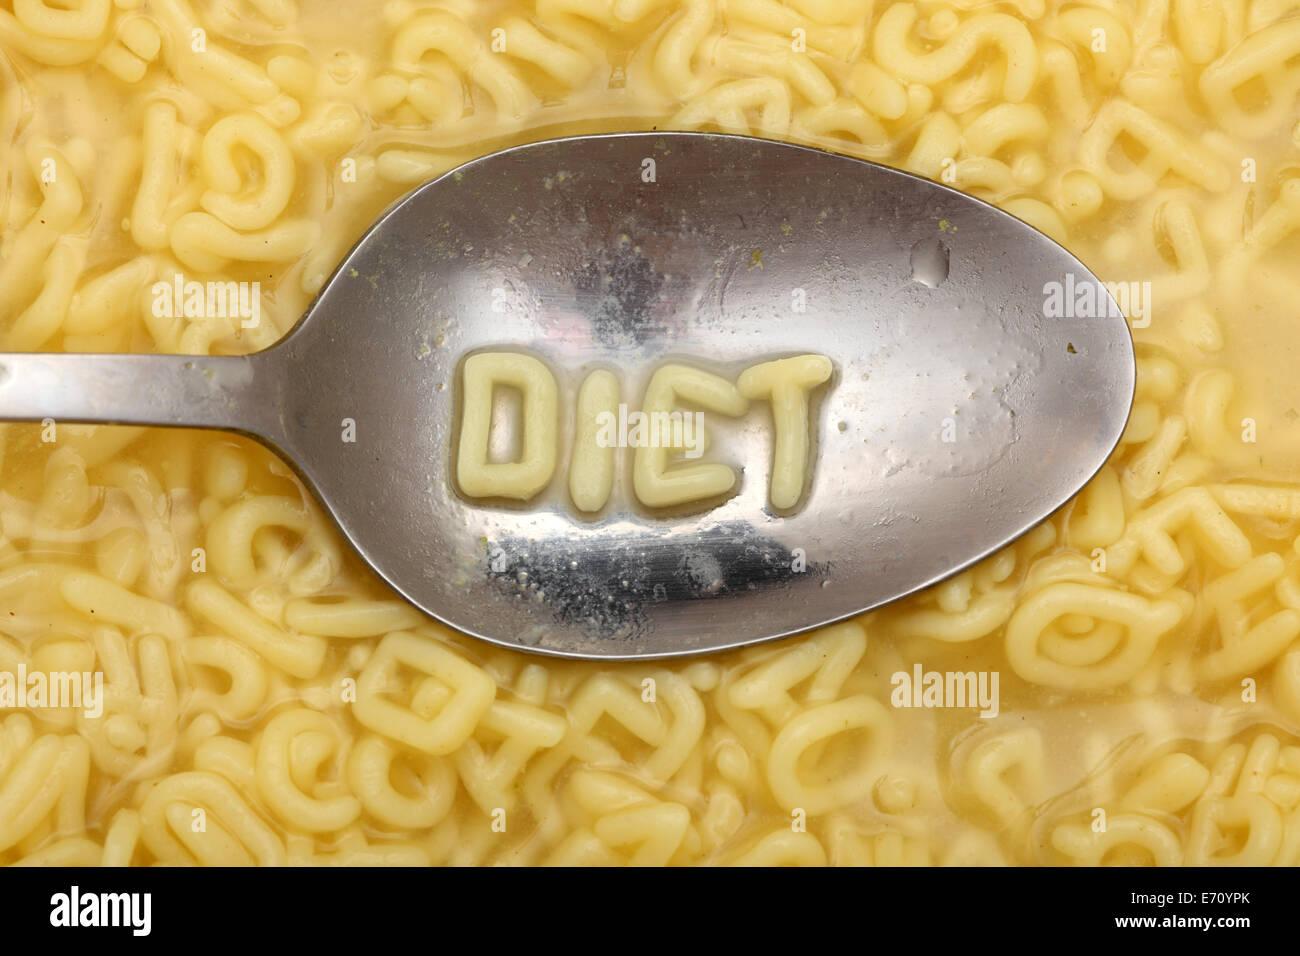 Lettres Alphabet cuillère à préciser 'régime'. Soupe à l'alphabet des pâtes. Photo Stock